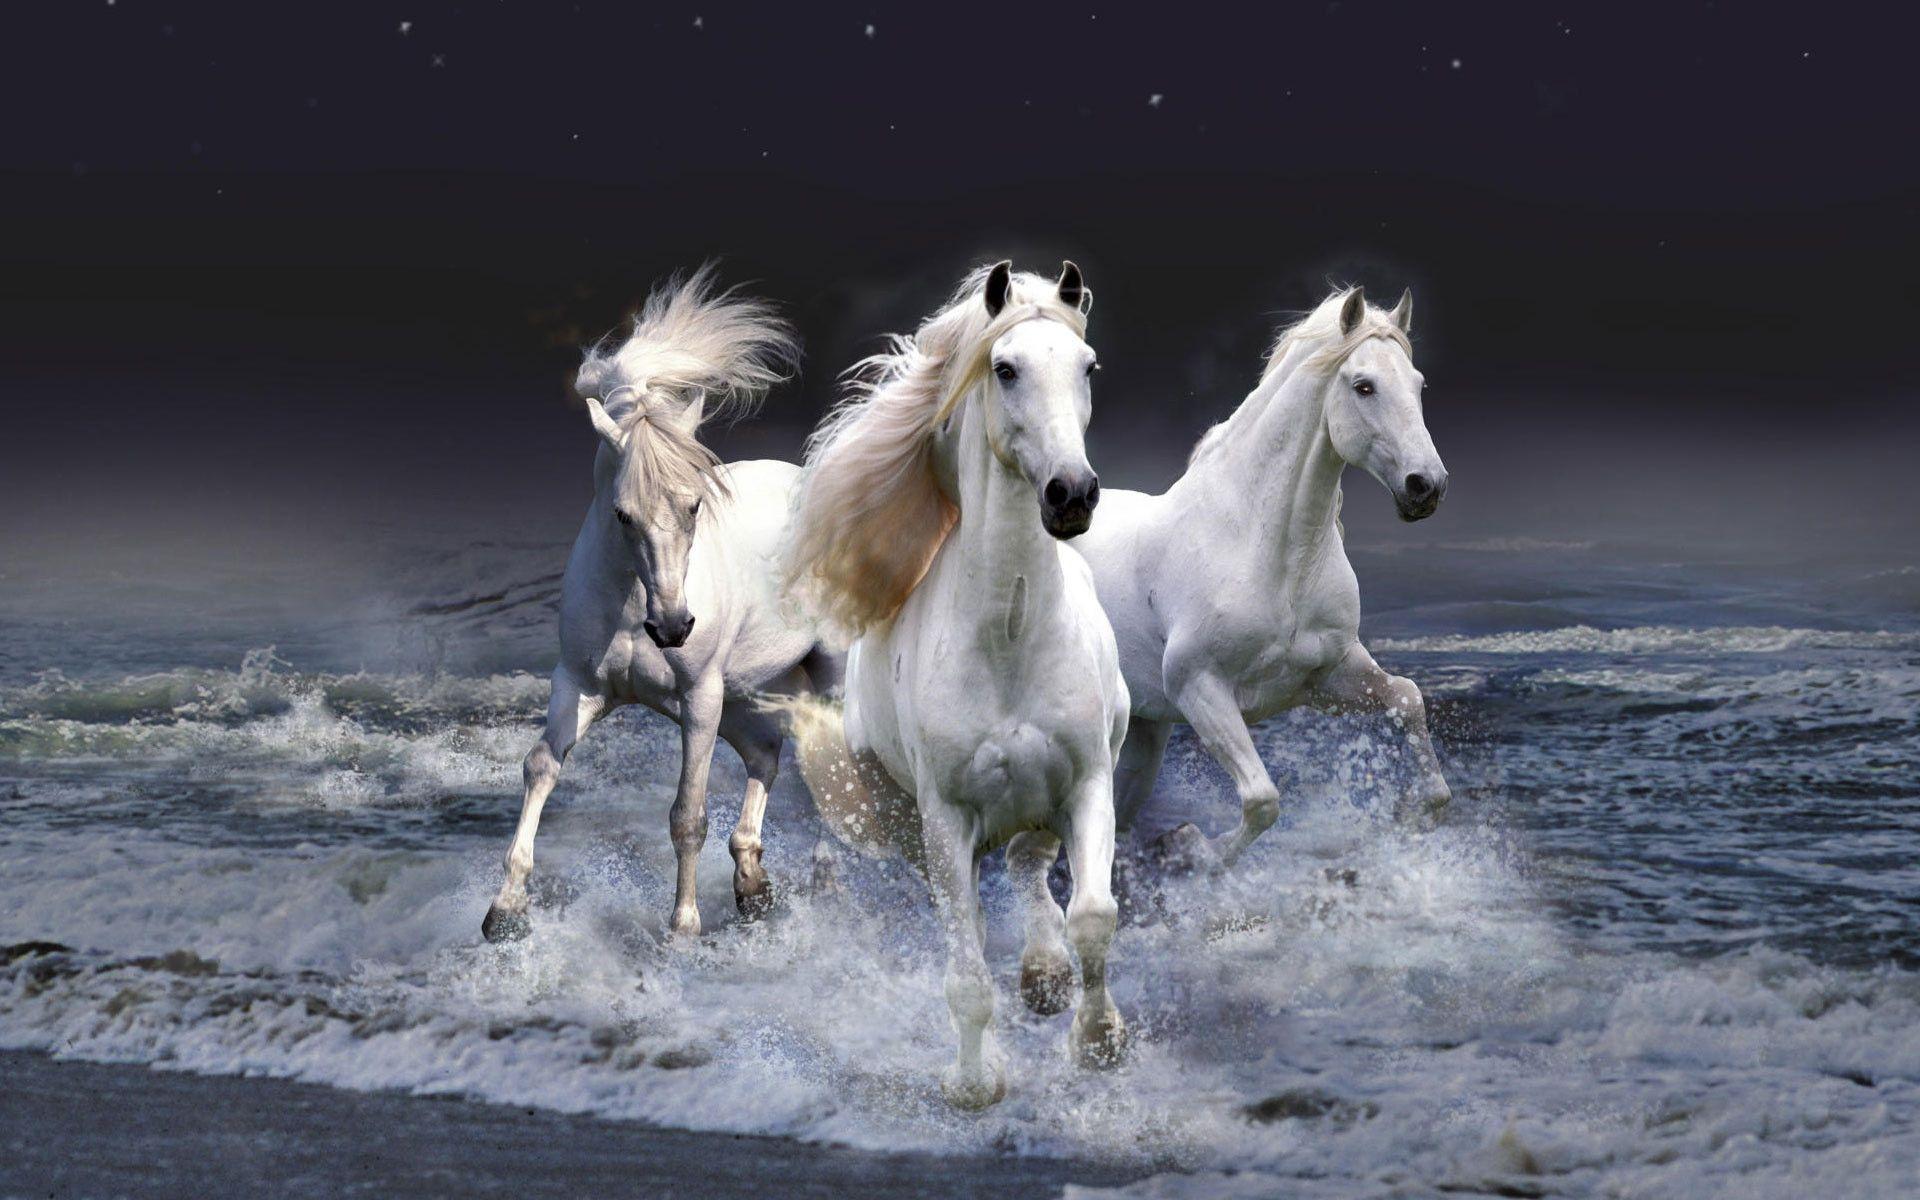 Horse Computer Wallpapers, Desktop Backgrounds 1920x1200 Id: 274780